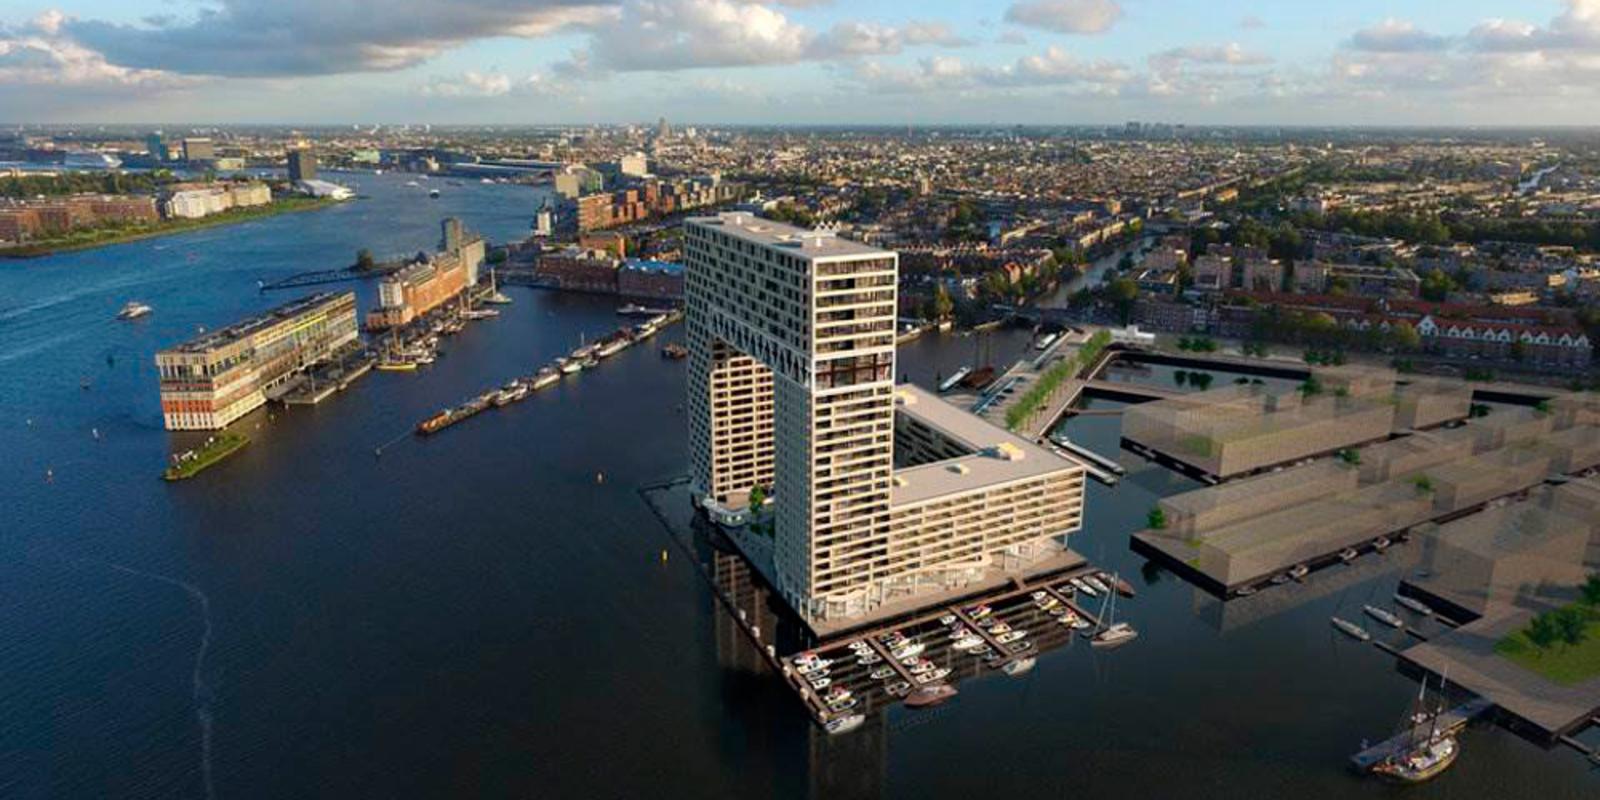 Dit wordt het grootste en duurste penthouse van nederland - Huis placemat wereld ...